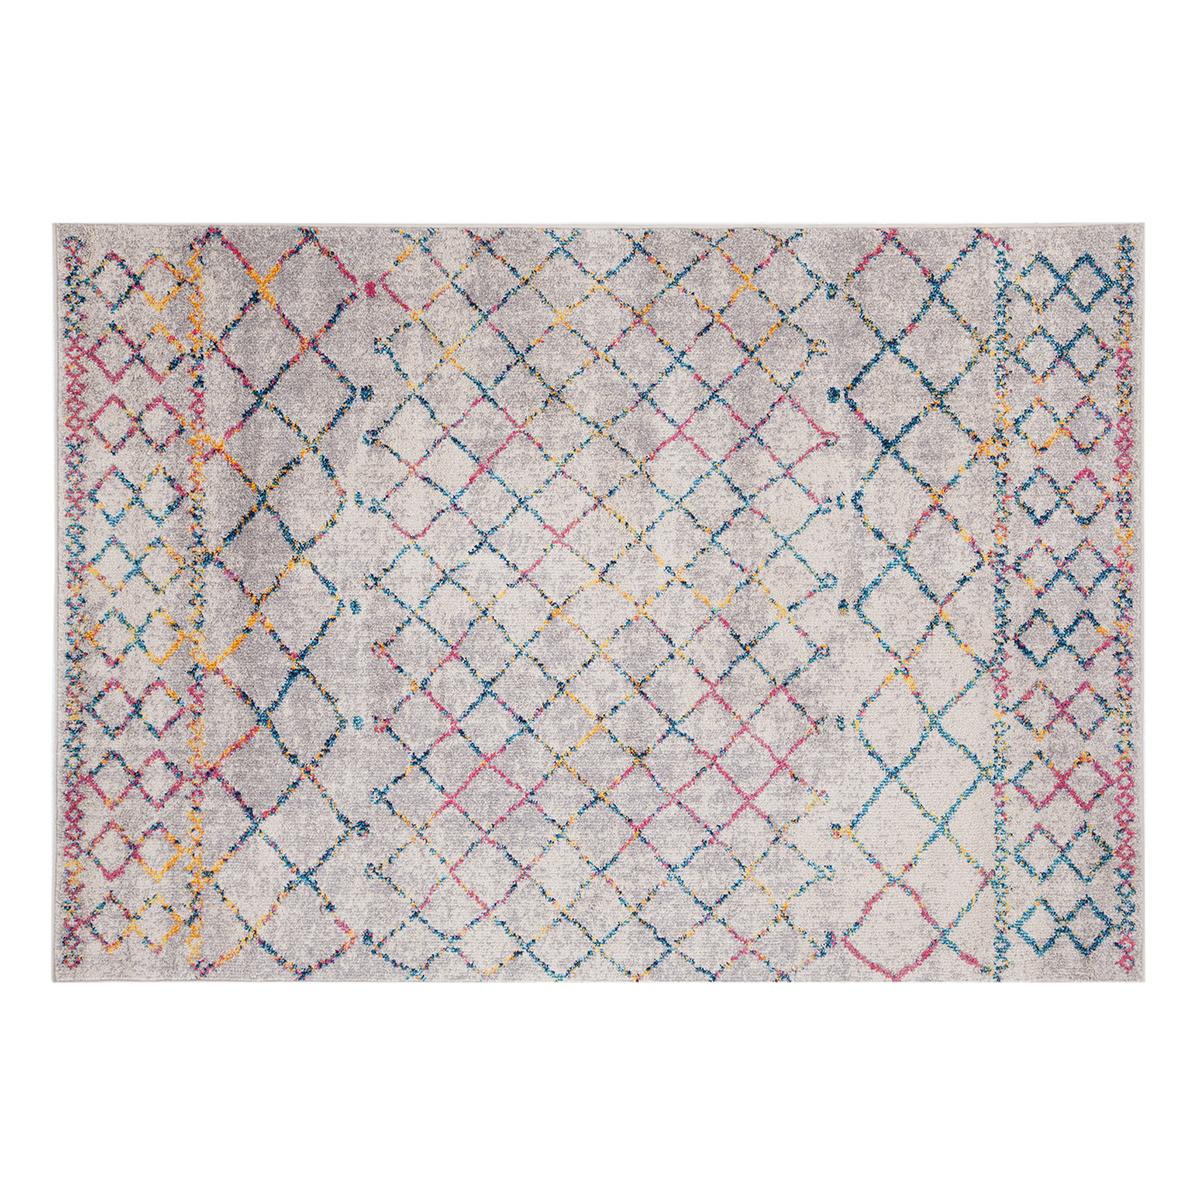 Miliboo Tapis style berbère gris et multicolore 200 x 300 cm CIELO